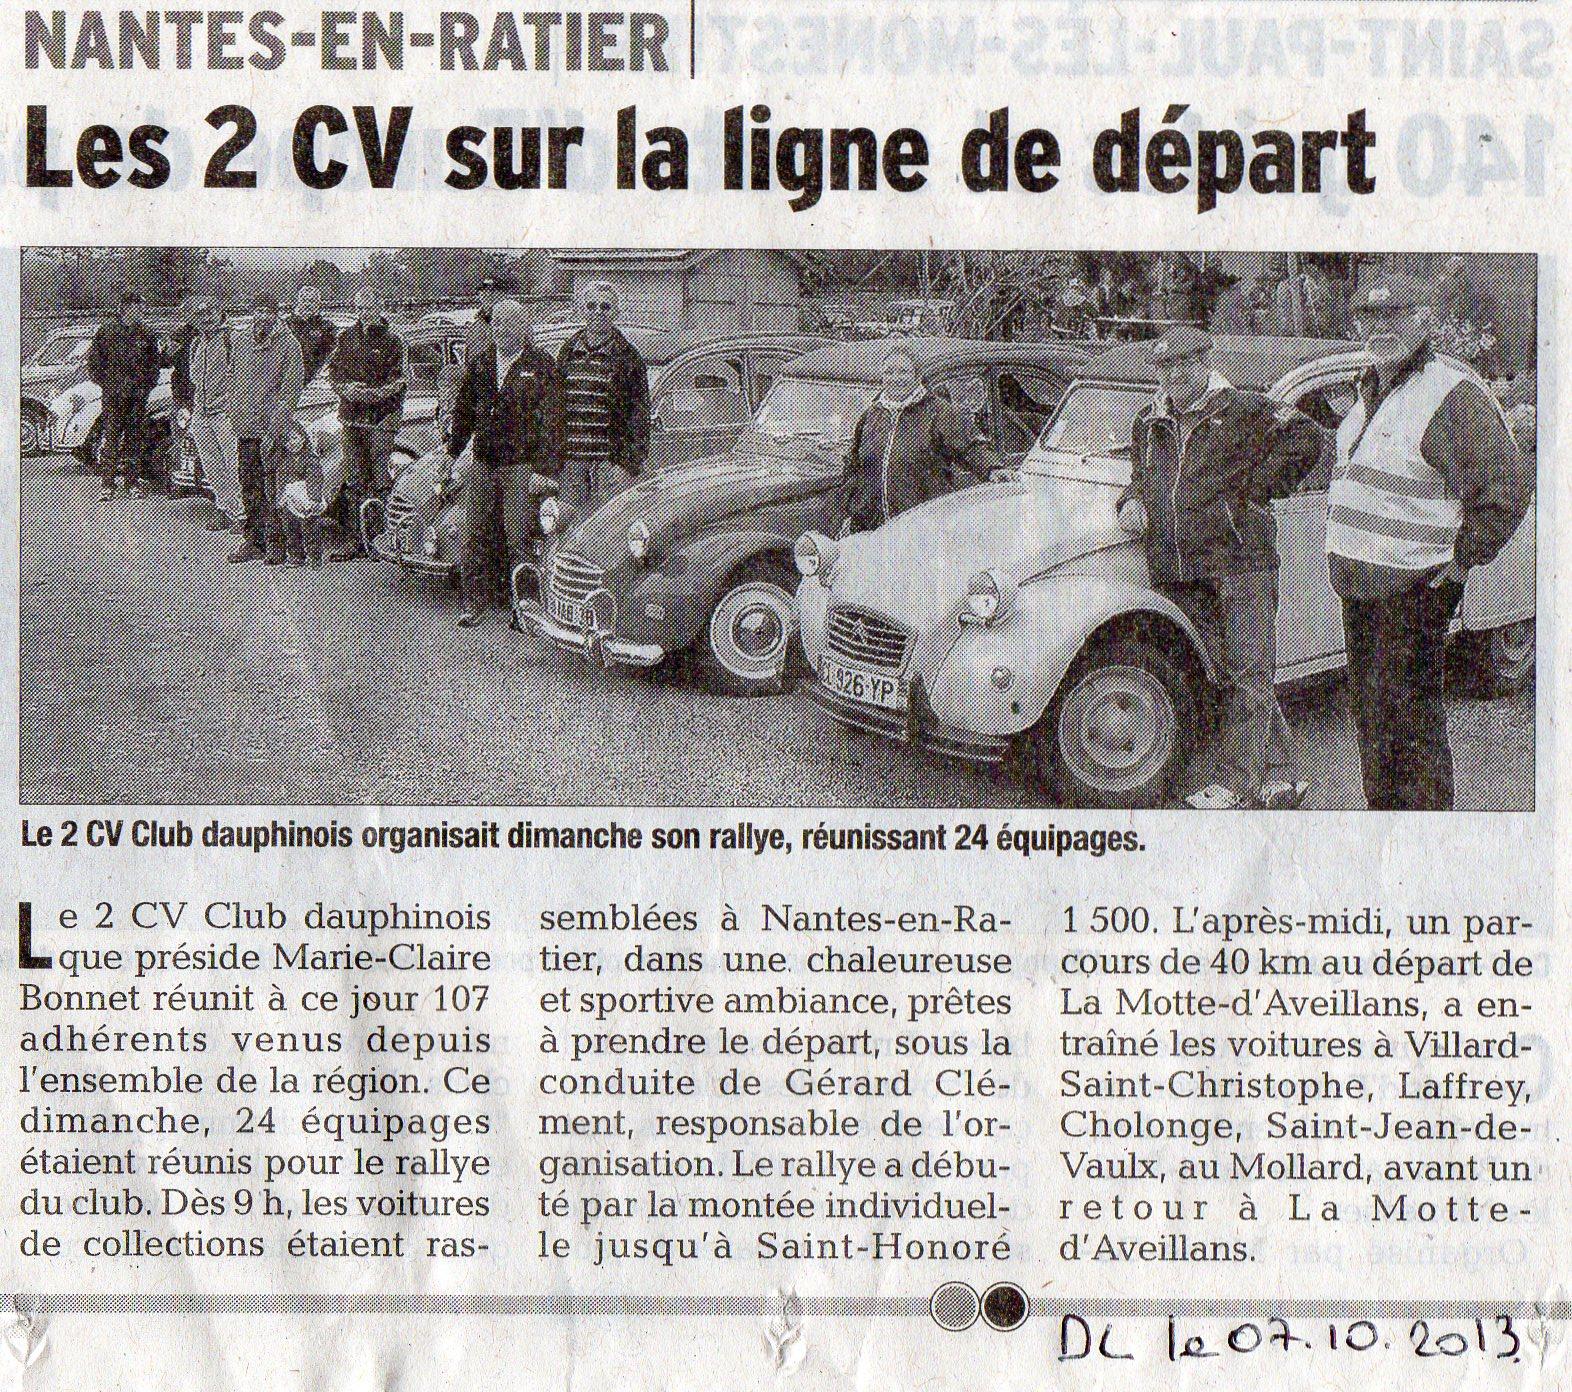 Nantes-en-Ratier : Les 2 CV sur la ligne de départ